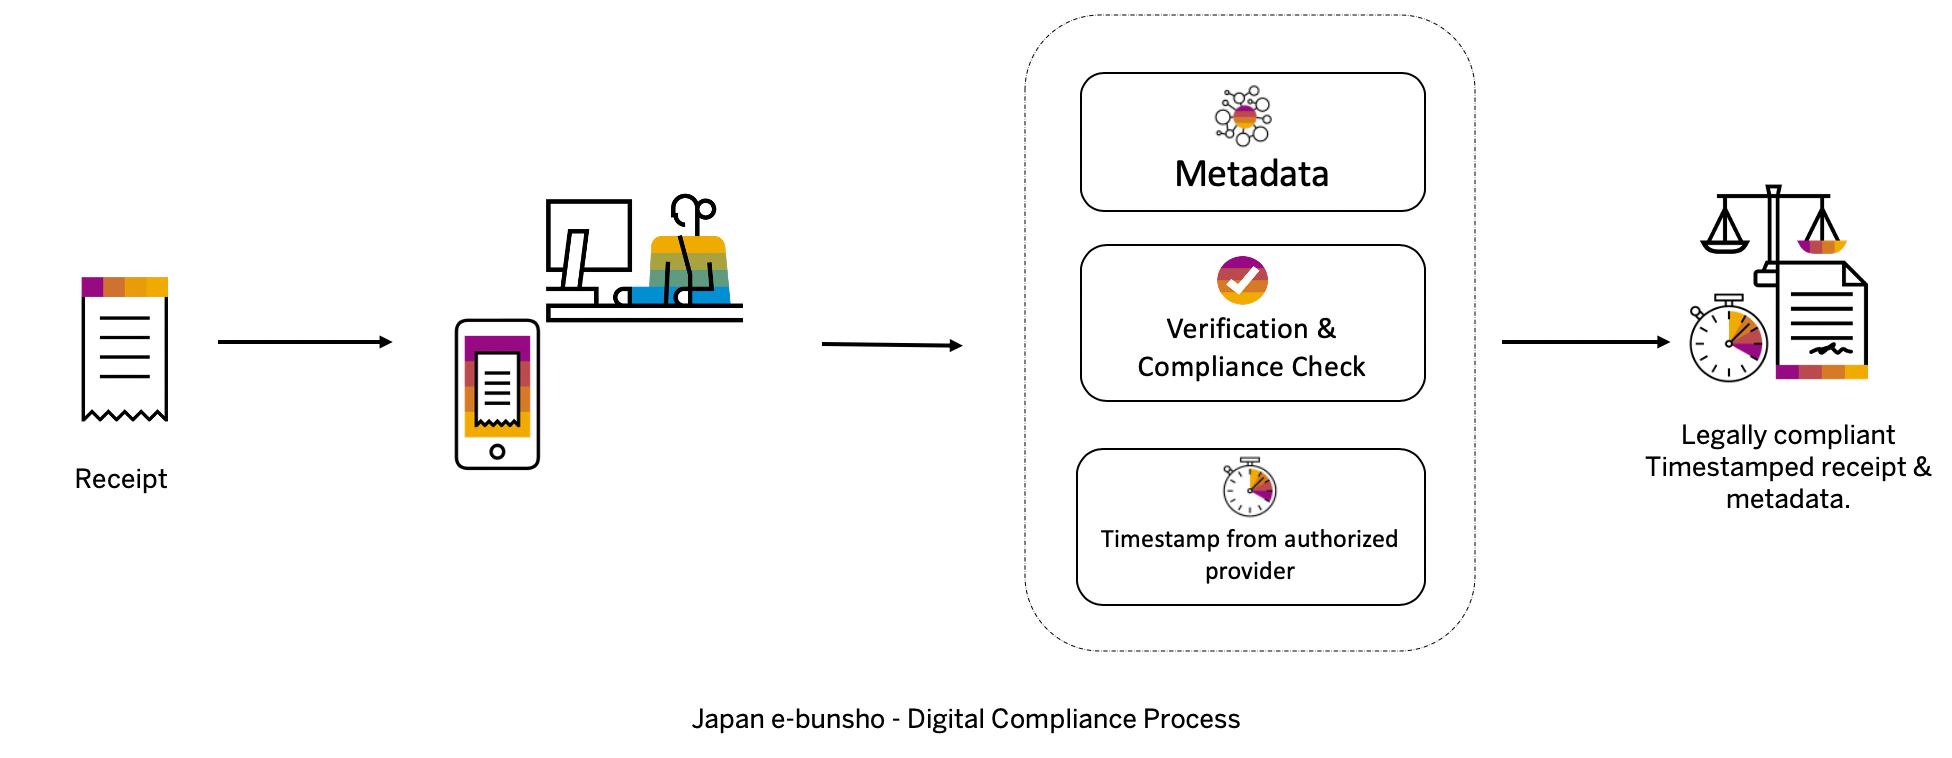 Fig%203%3A%20Japan%20eBunsho%20Digital%20Compliance